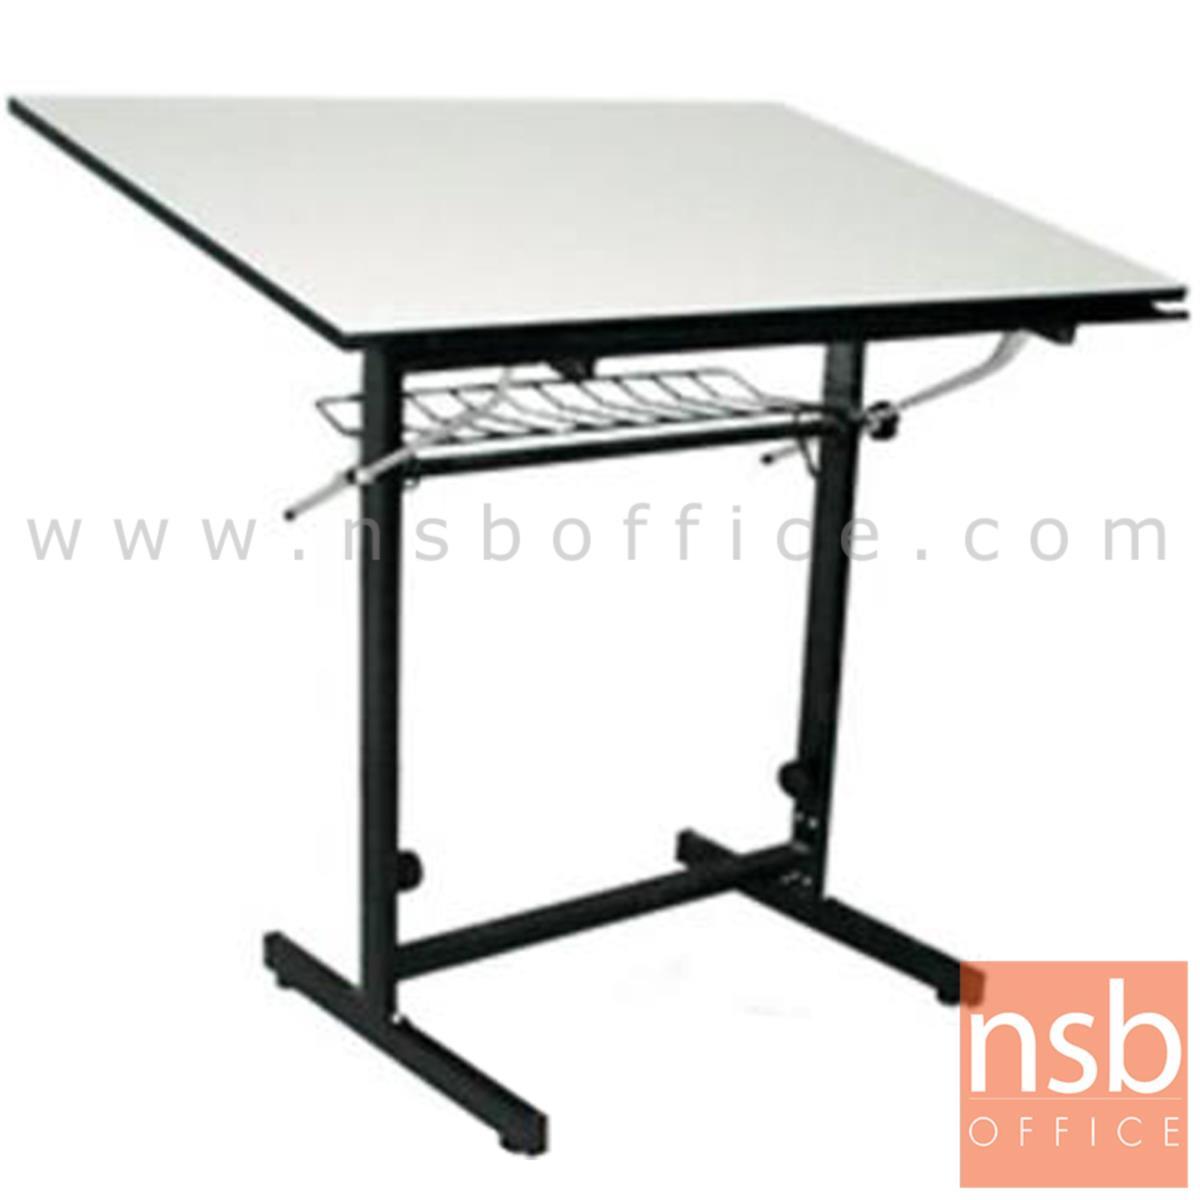 E06A019:โต๊ะเขียนแบบ 119.4W*80D*95.3H cm.  รุ่น TD-02108  ปรับองศาได้ มีตะแกรงข้างใต้